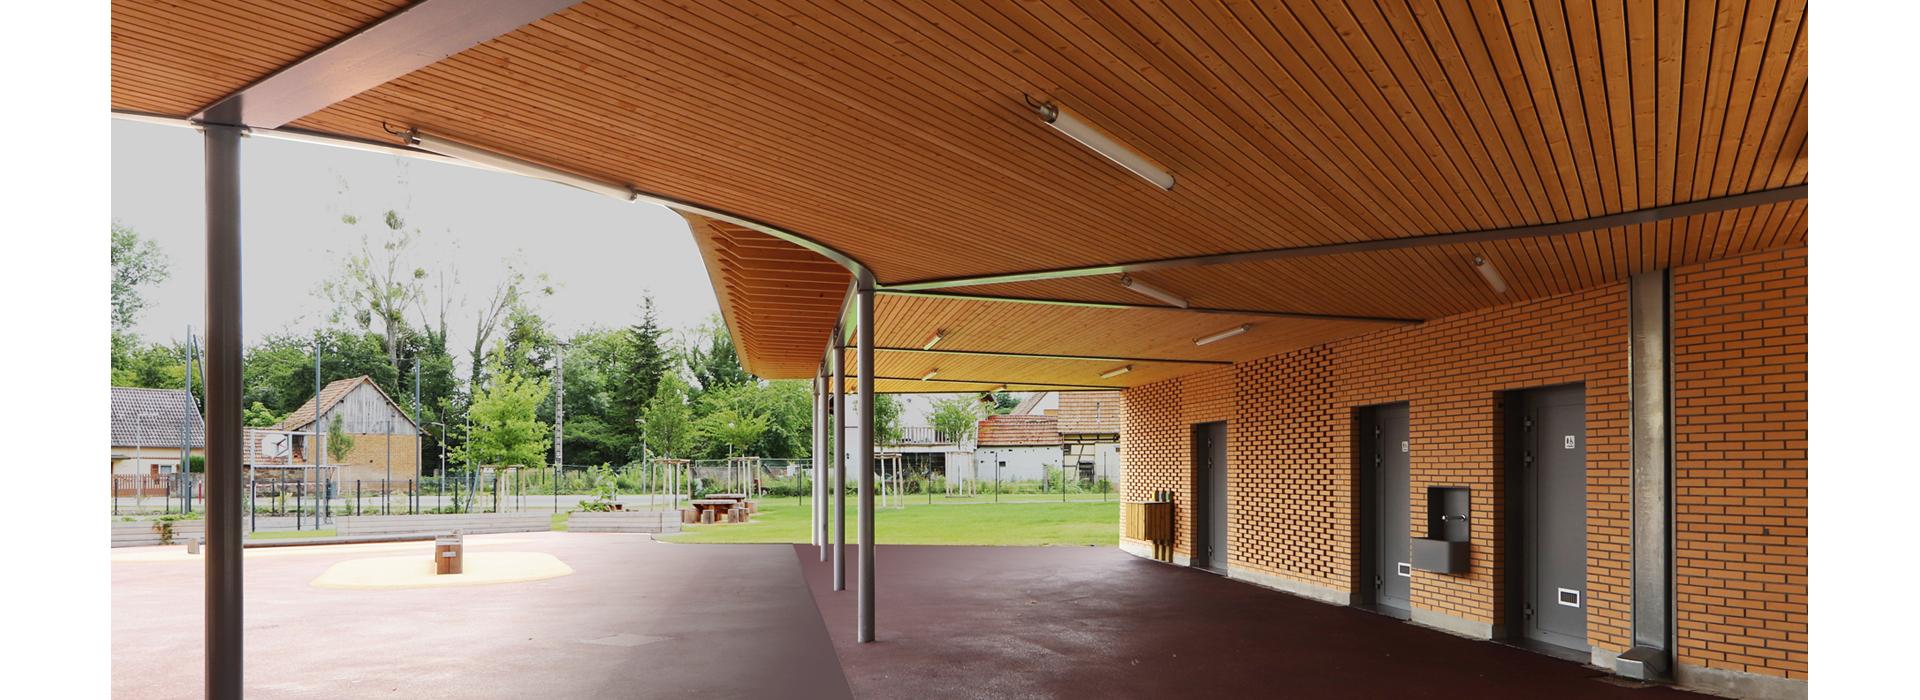 sous-face préau École élémentaire Plobsheim